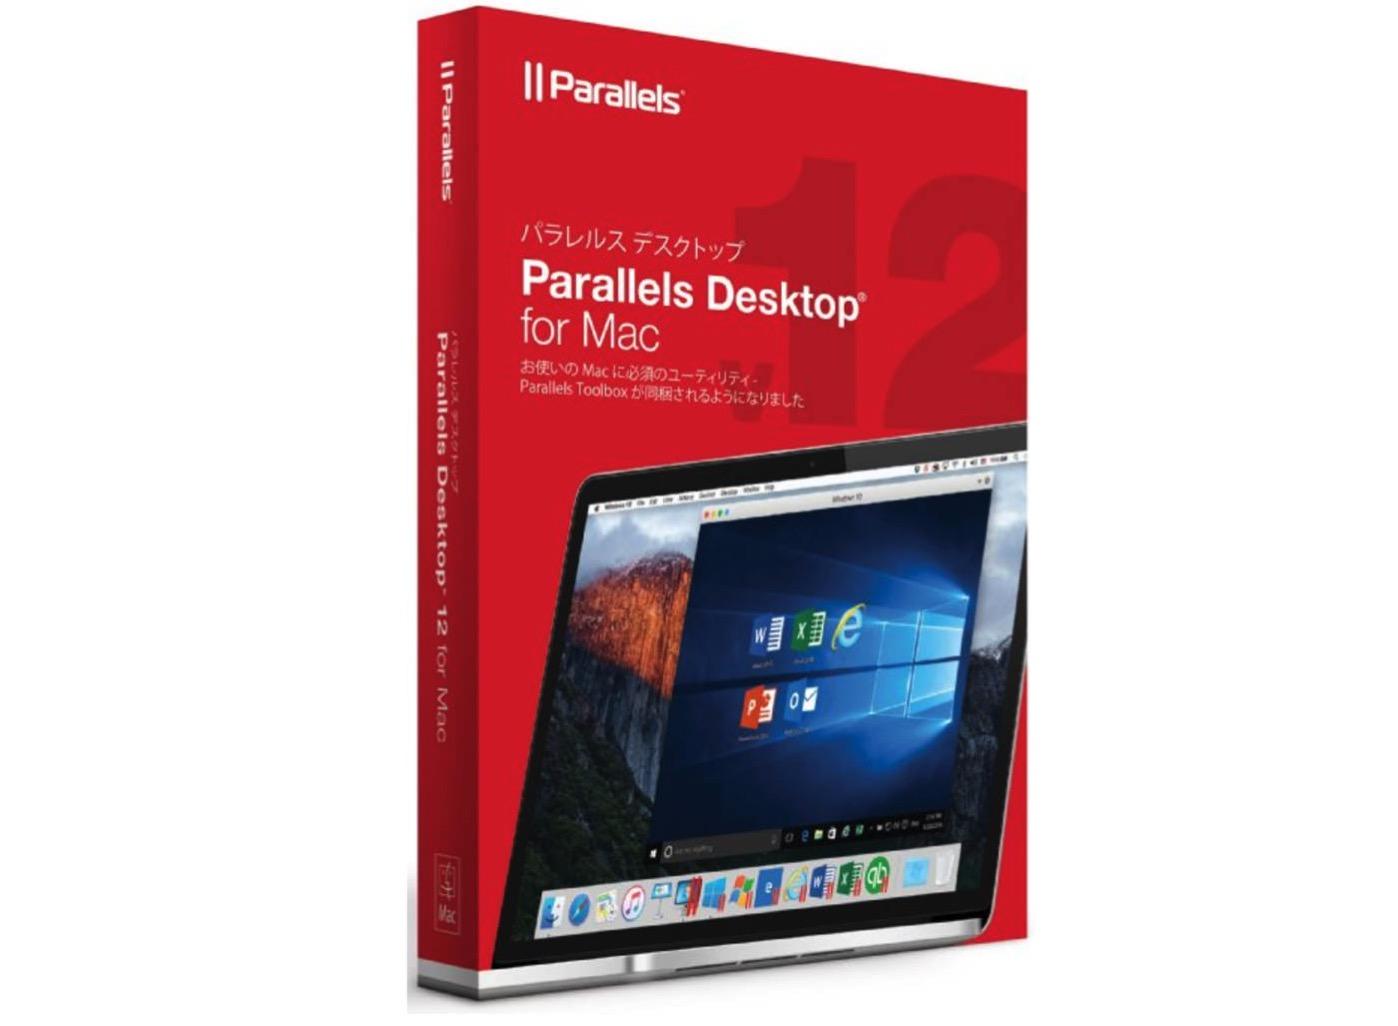 [Mac]AmazonタイムセールでMacでもWindowsが使えるように「Parallels Desktop 12 for Mac」を買ってみたよ